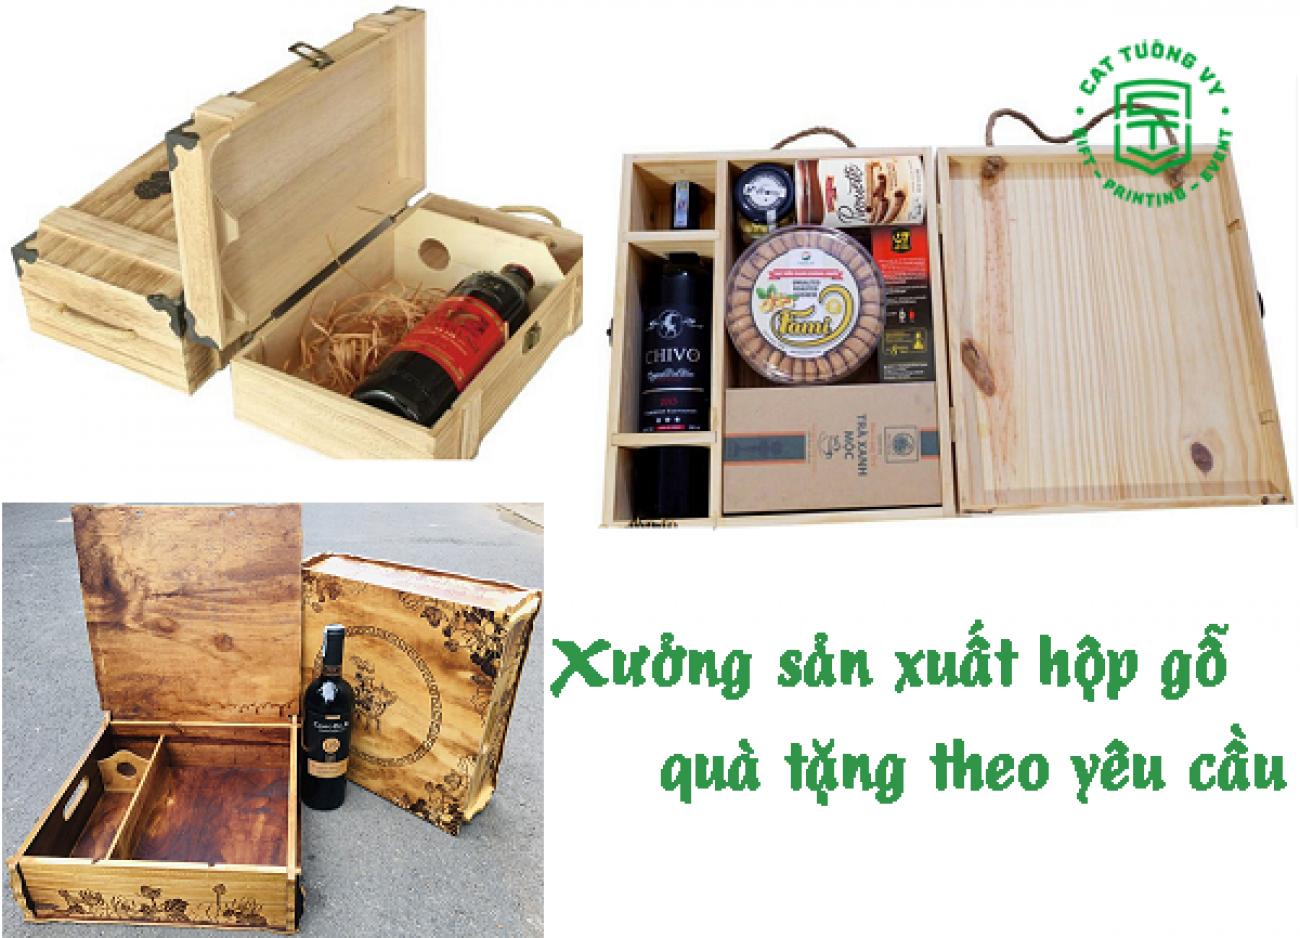 Xưởng sản xuất hộp gỗ qùa tặng theo yêu cầu